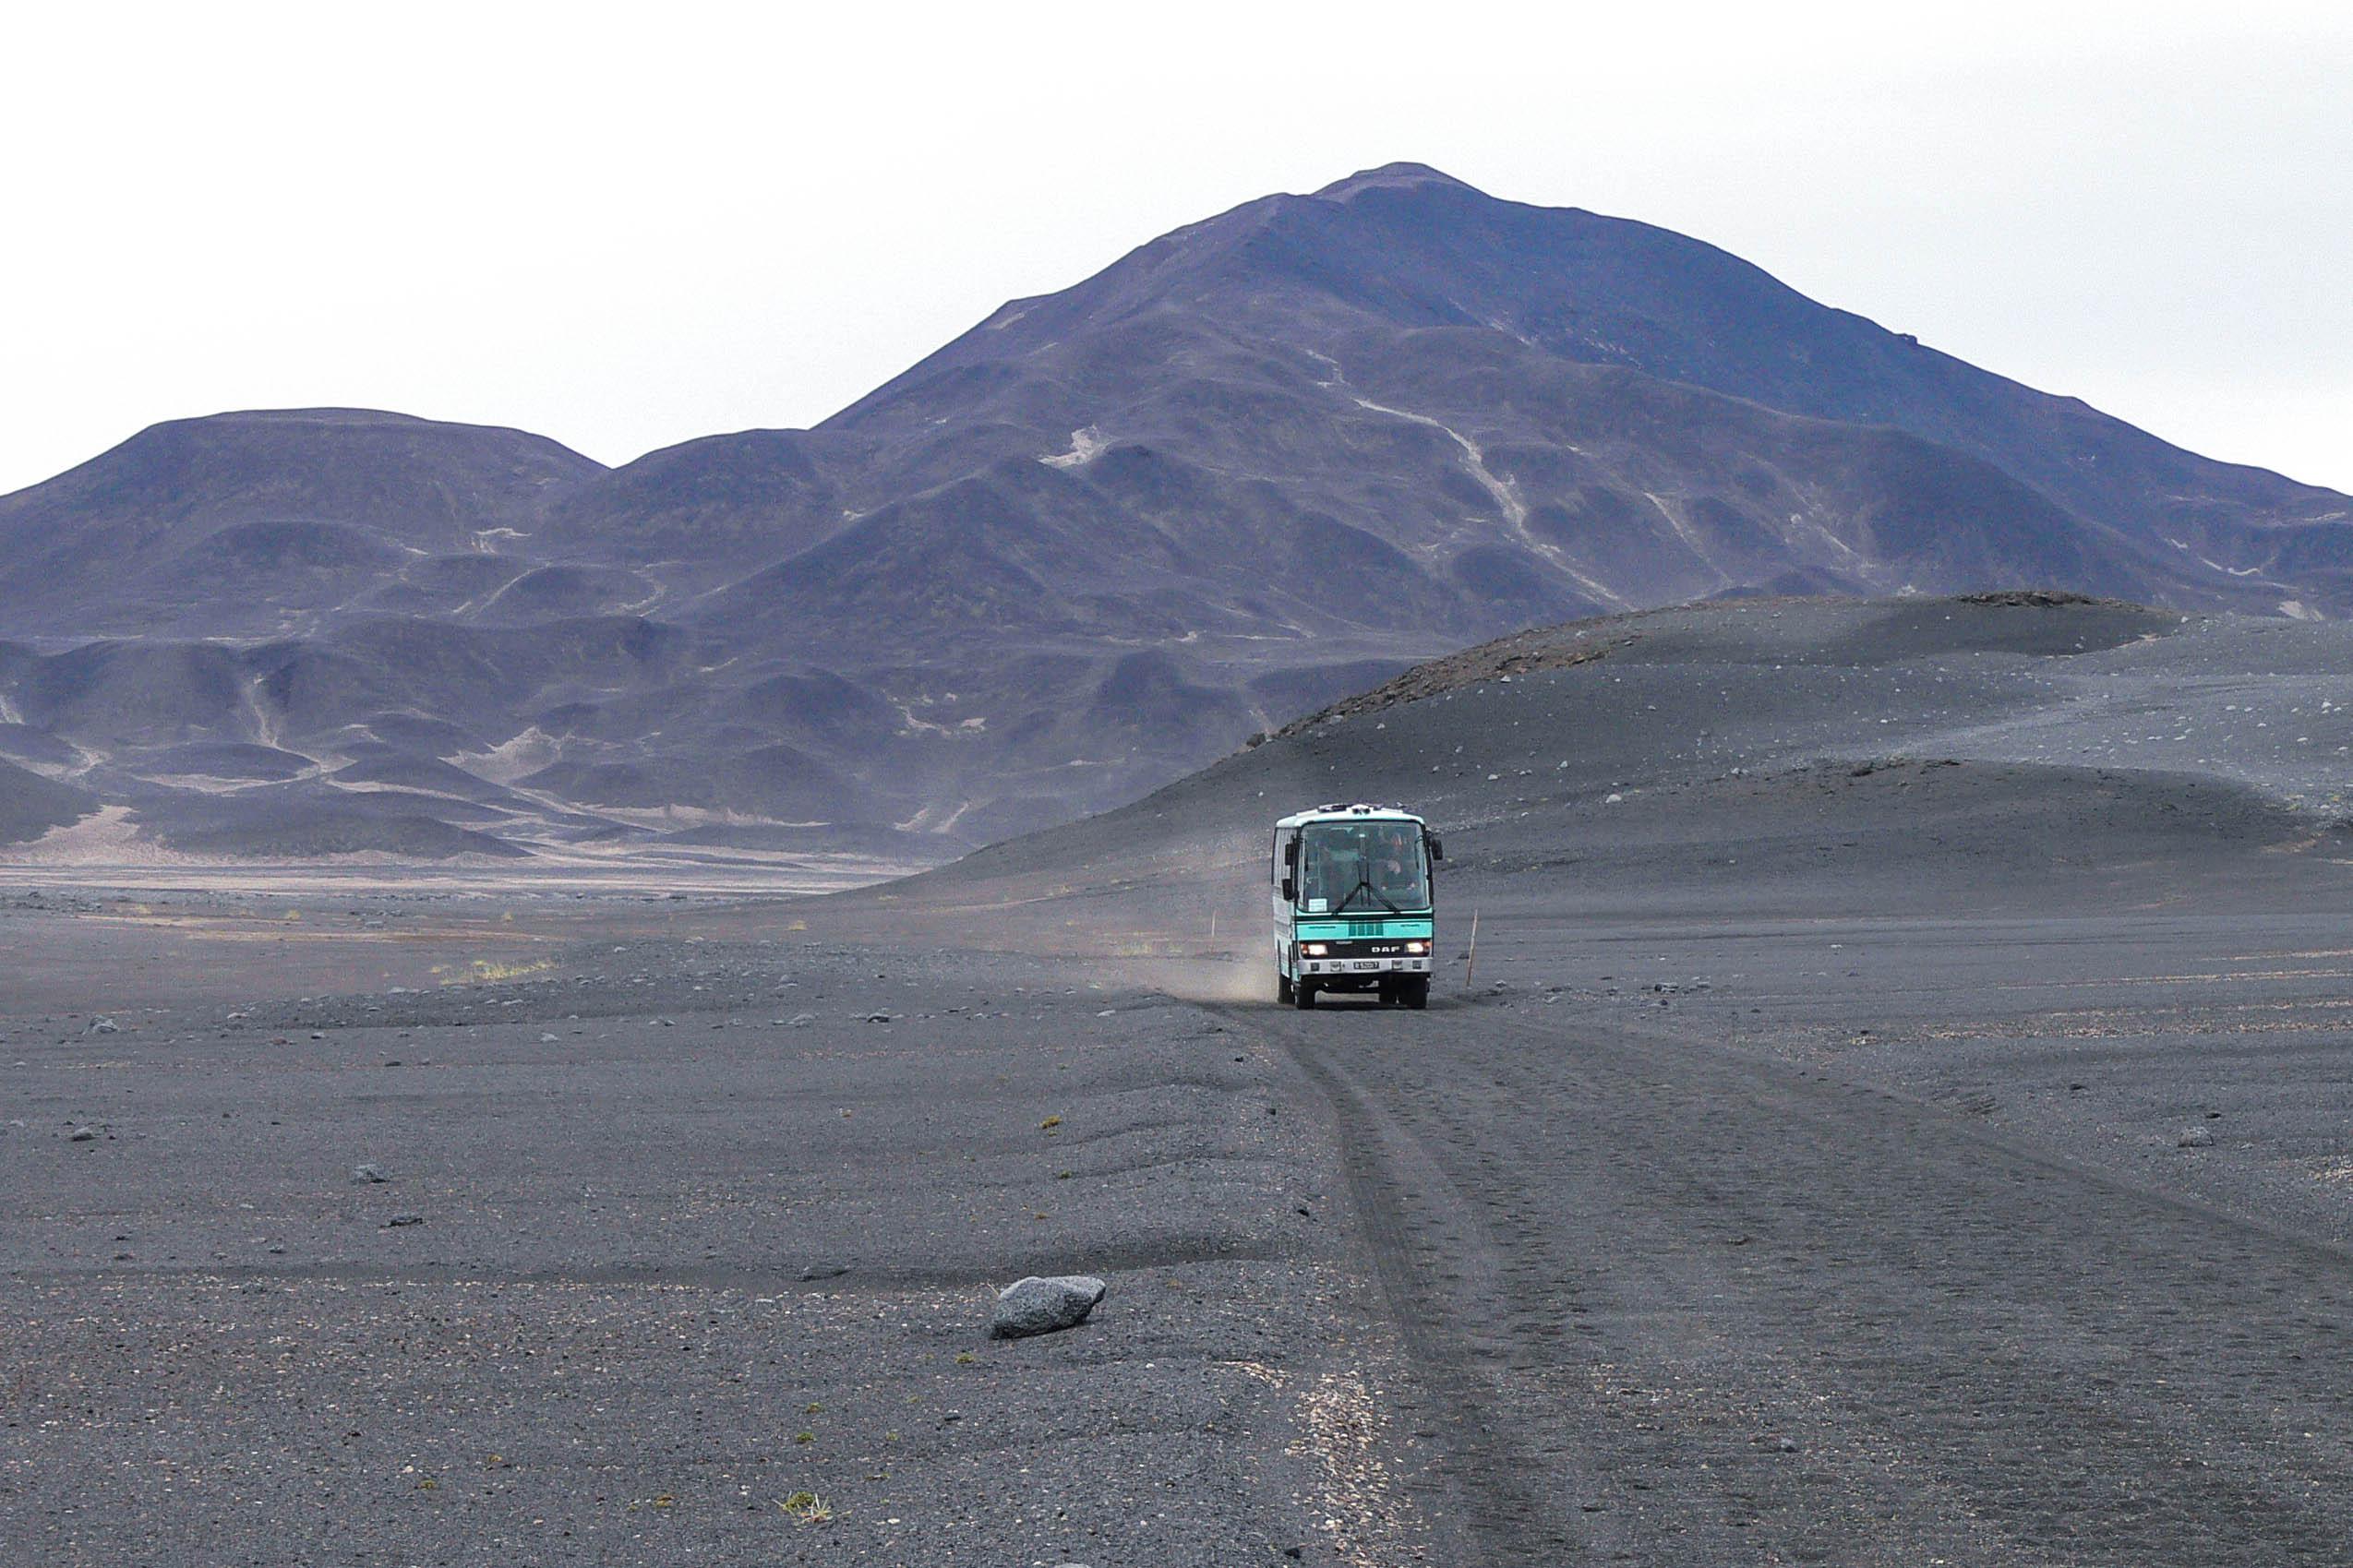 Mit dem Offroad-Bus durch das Hochland von Island